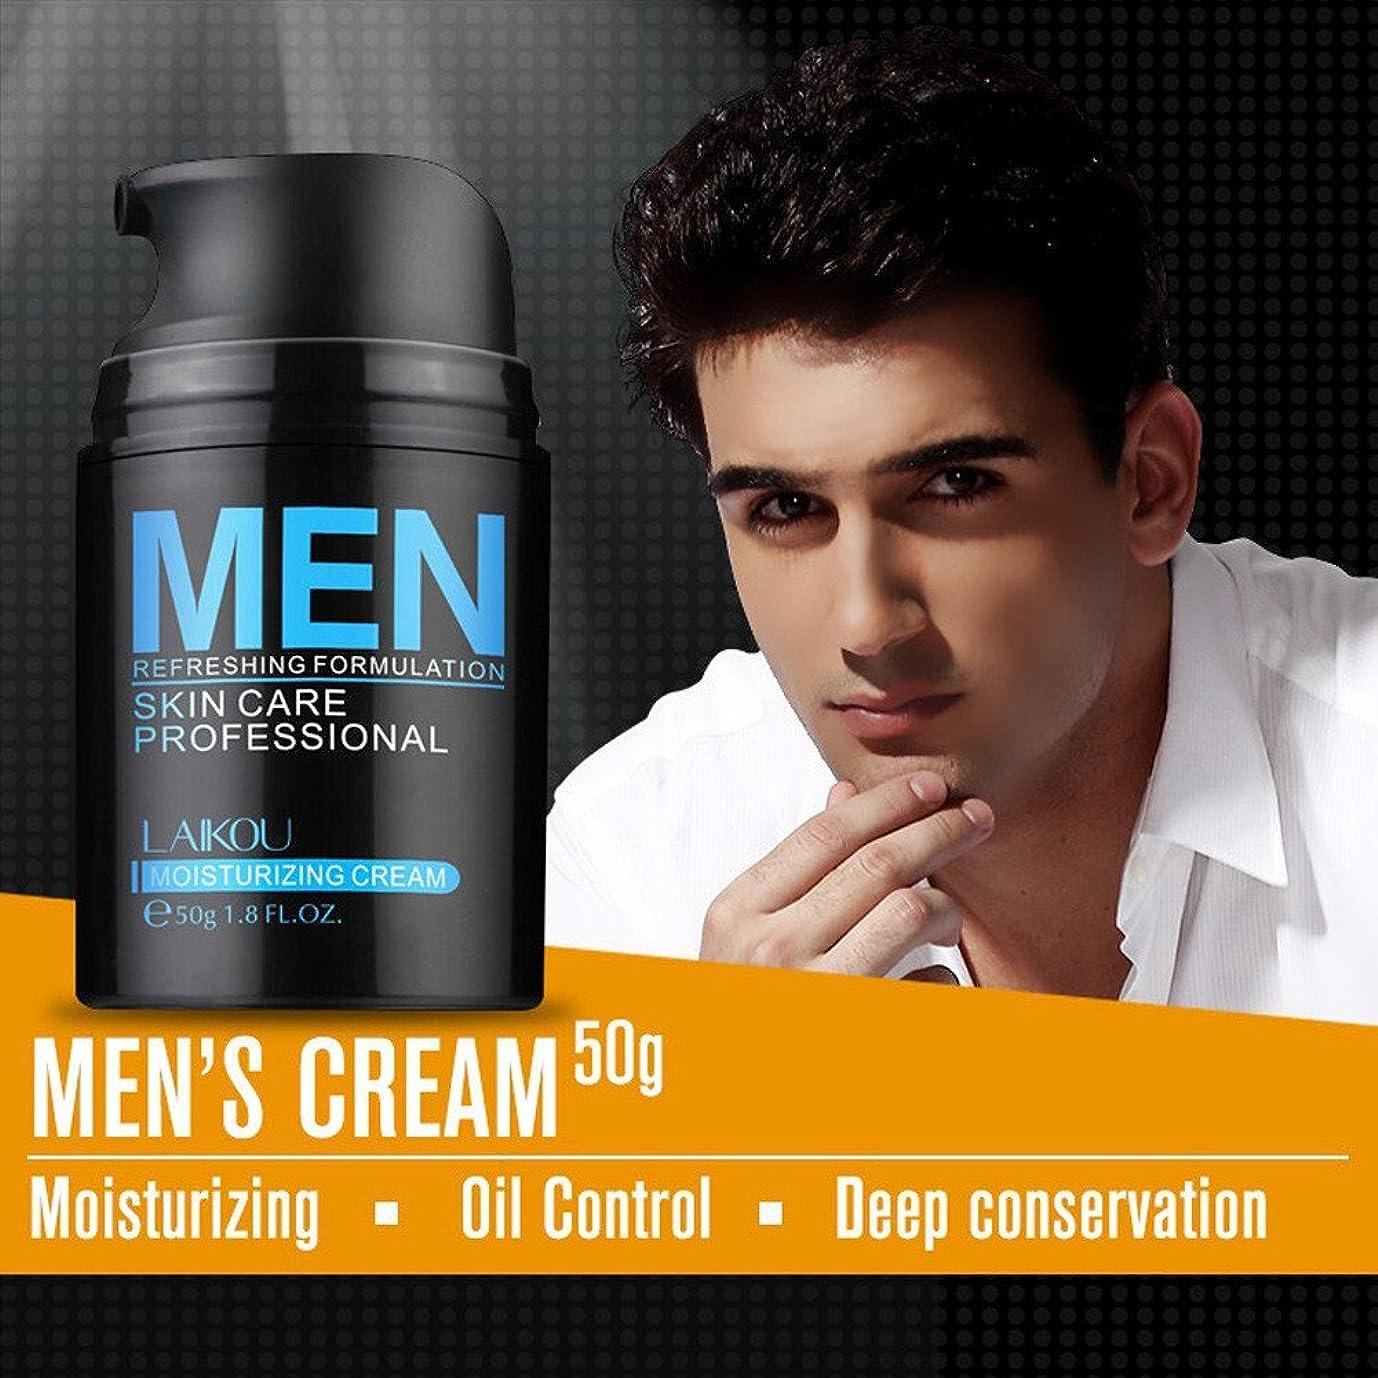 健康的港第二にAkane LAIKOU 男子 押す 顔洗い 素敵 水分補給 オイルコントロール 保湿 すがすがしい 角質除去 クレンジング 浄化 使いやすい 洗顔料 アロエクリーム